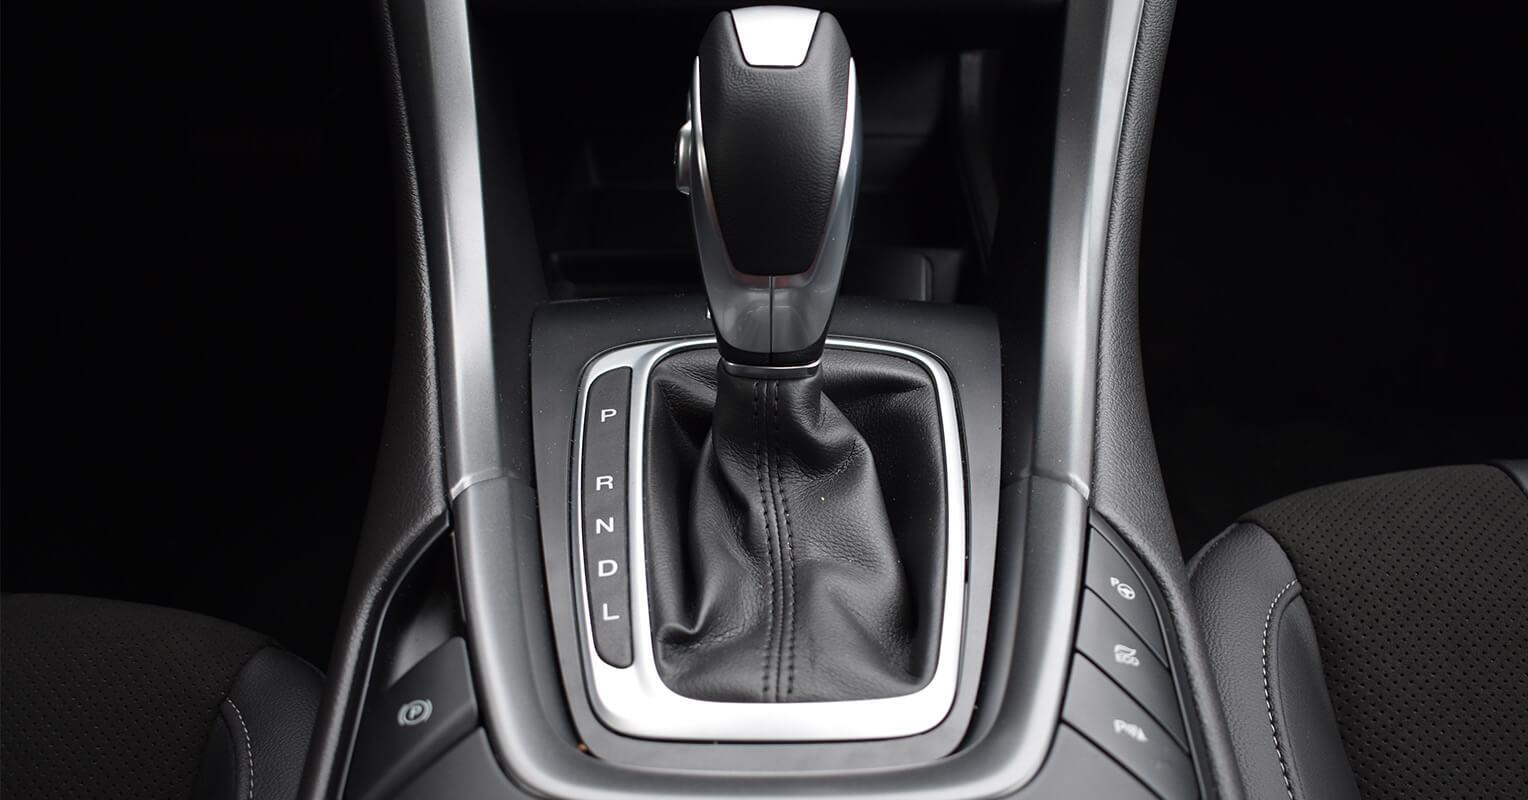 Pomo del cambio de marchas del Ford Mondeo híbrido